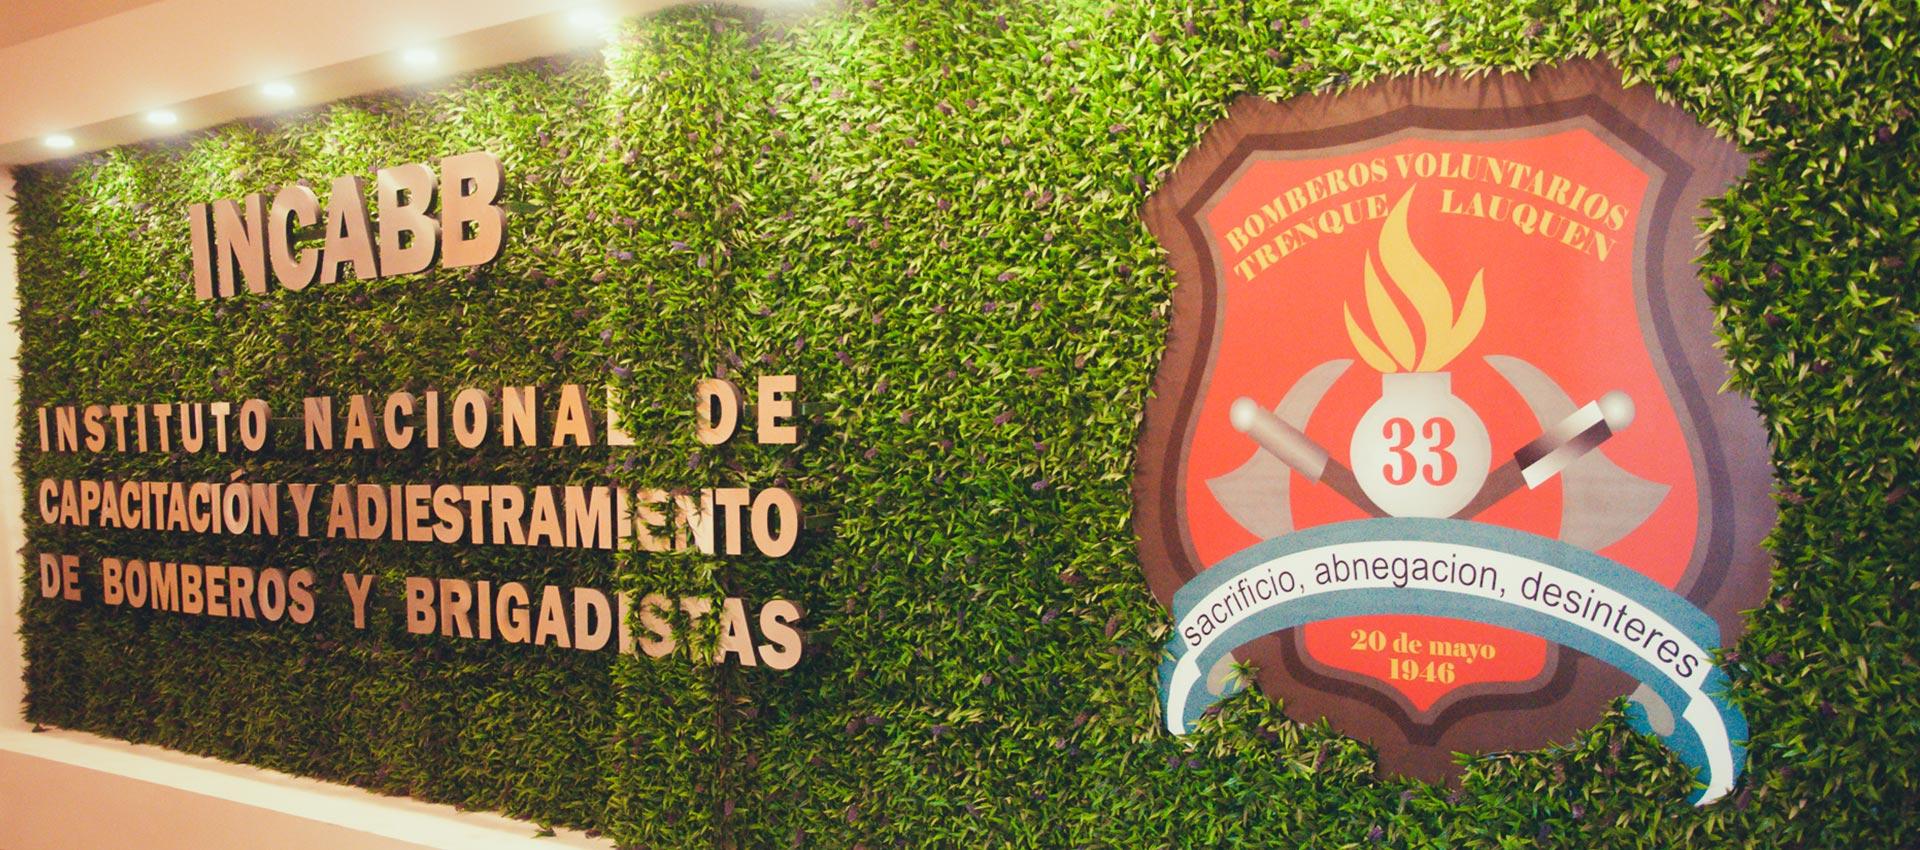 Instituto Nacional de Capacitación y Adiestramiento de Bomberos y Brigadistas